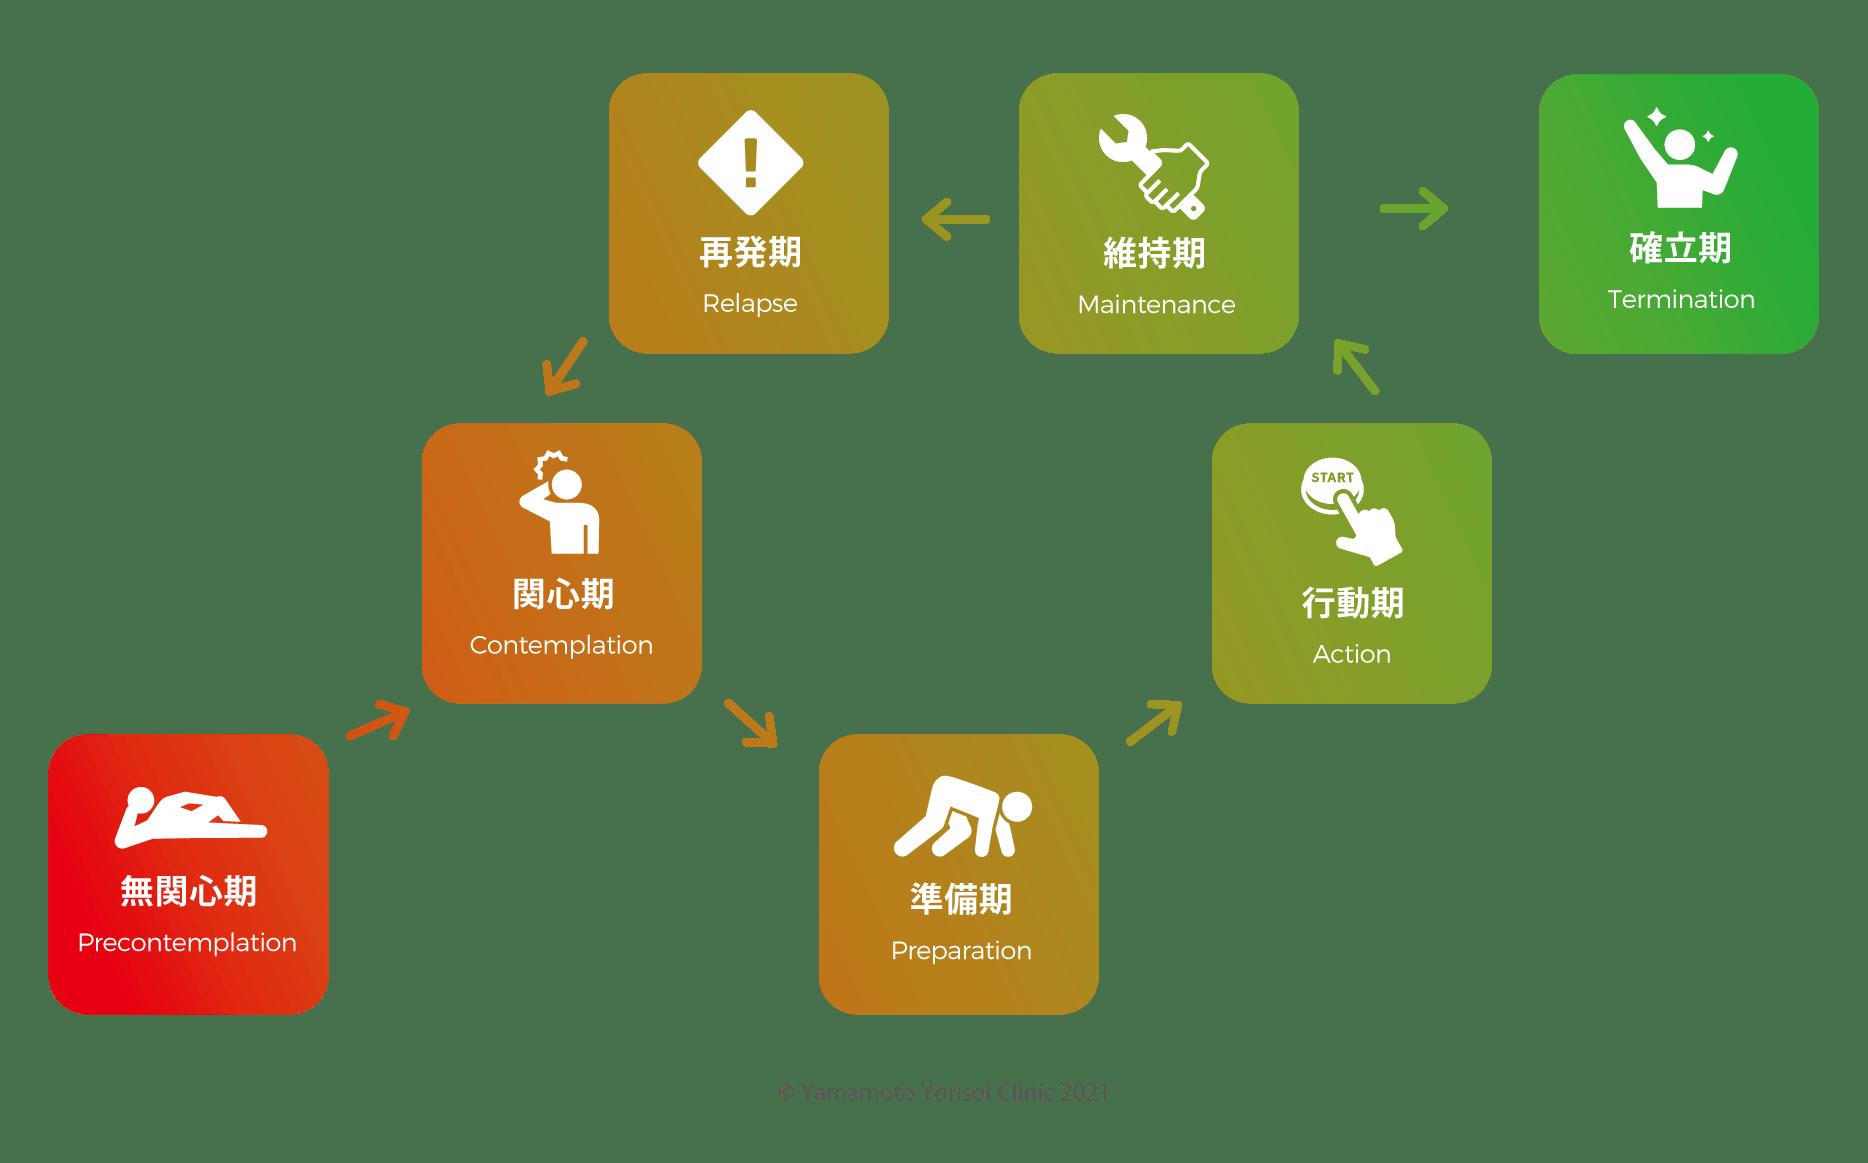 行動変容のイメージ図